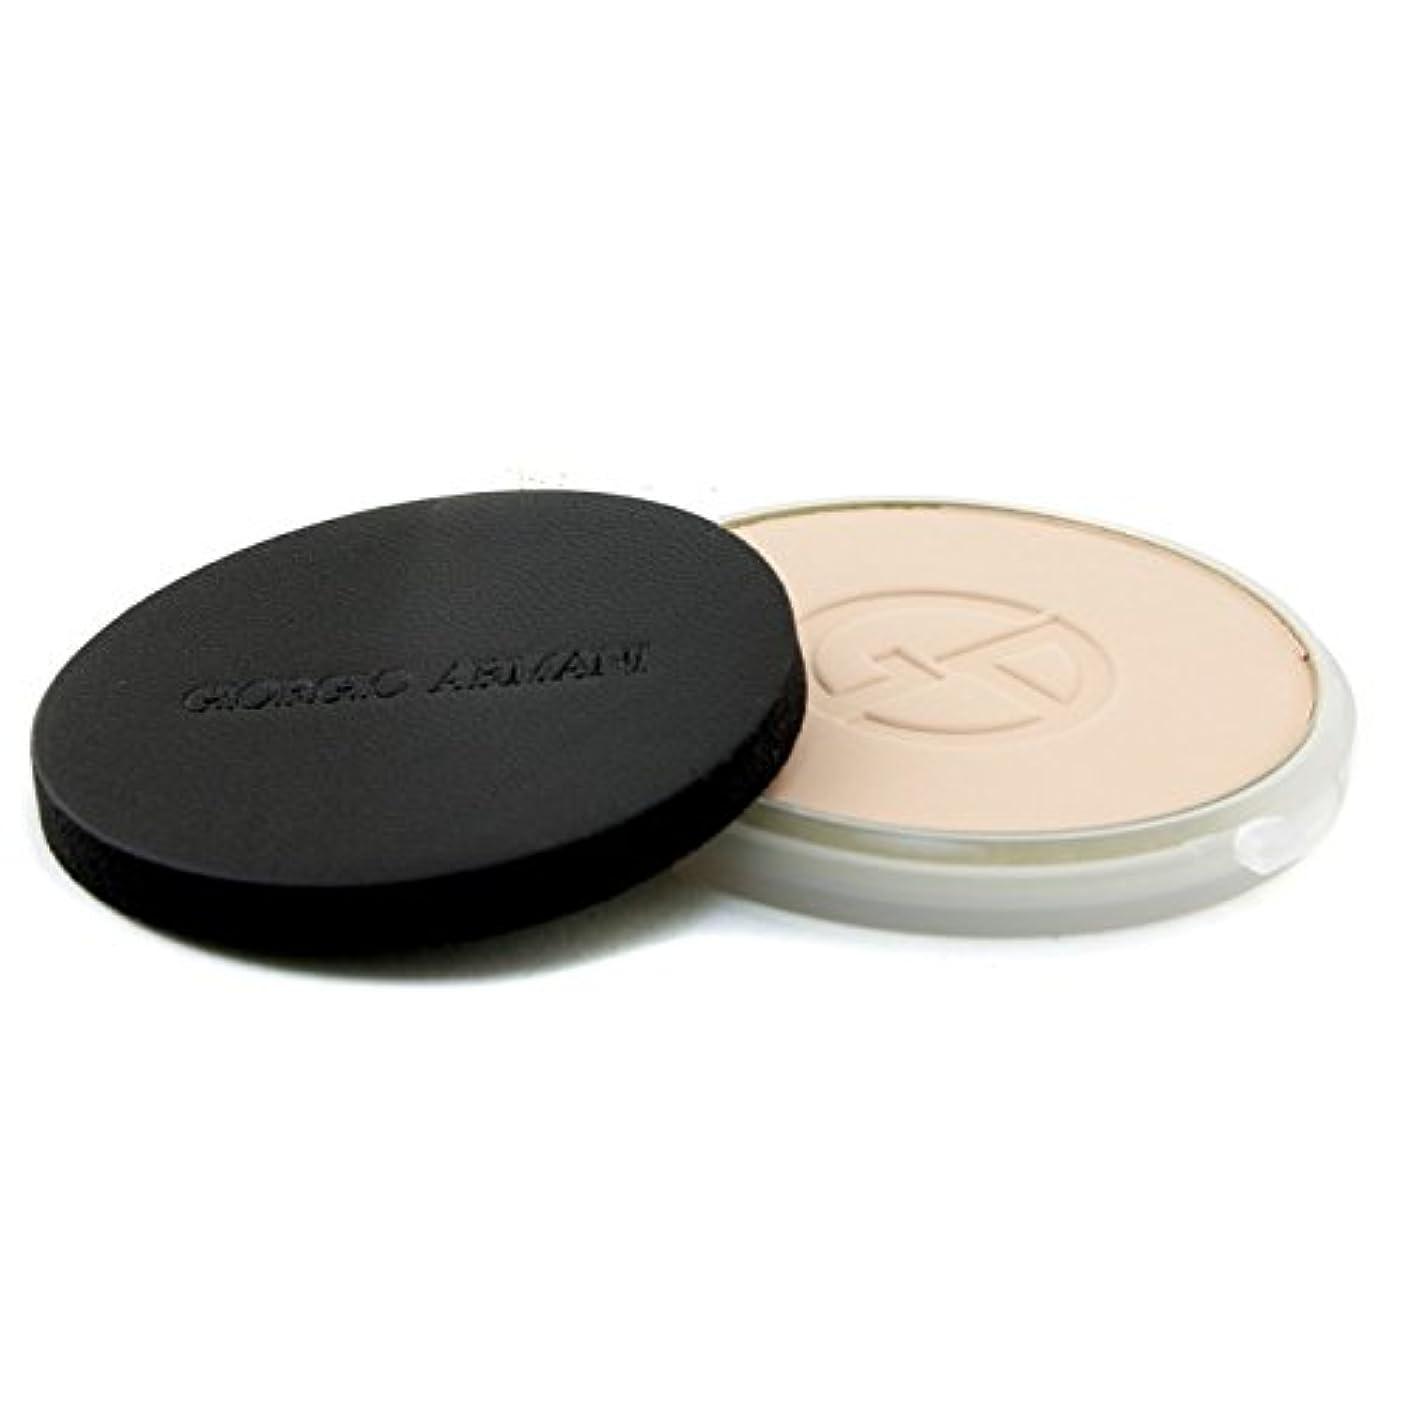 アシスタント軍団ペアジョルジオアルマーニ Lasting Silk UV Compact Foundation SPF 34 (Refill) - # 3 (Light Sand) 9g/0.3oz並行輸入品